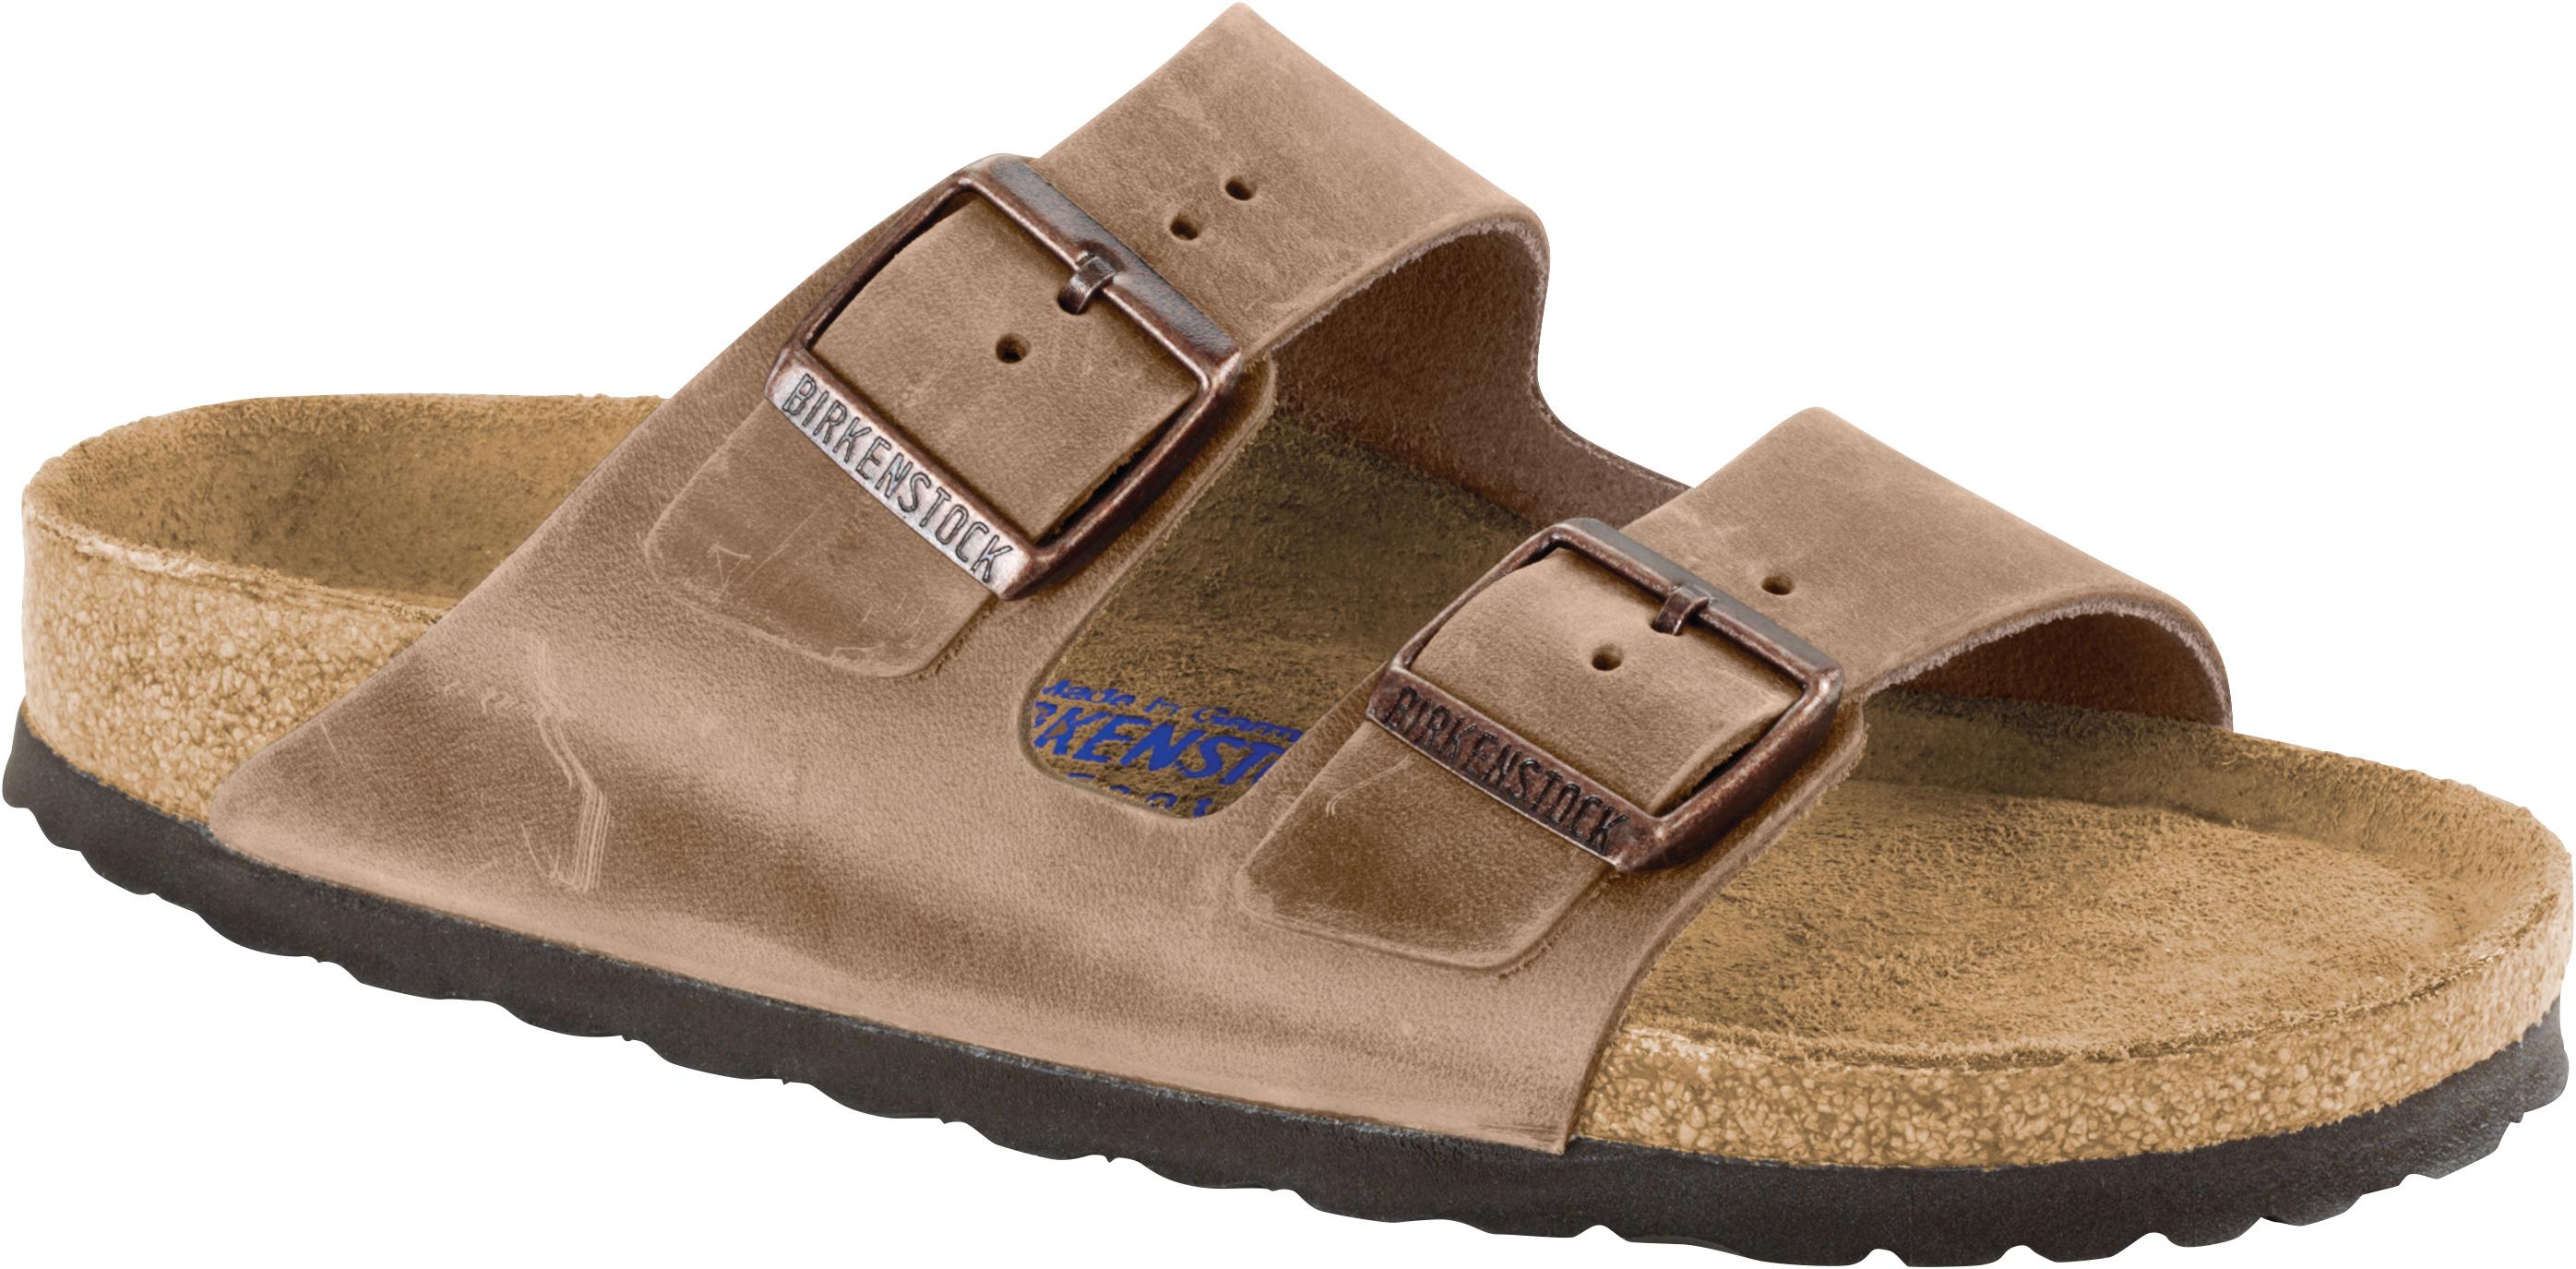 Herren Komfort Sandalen von Birkenstock braun   4052001263553